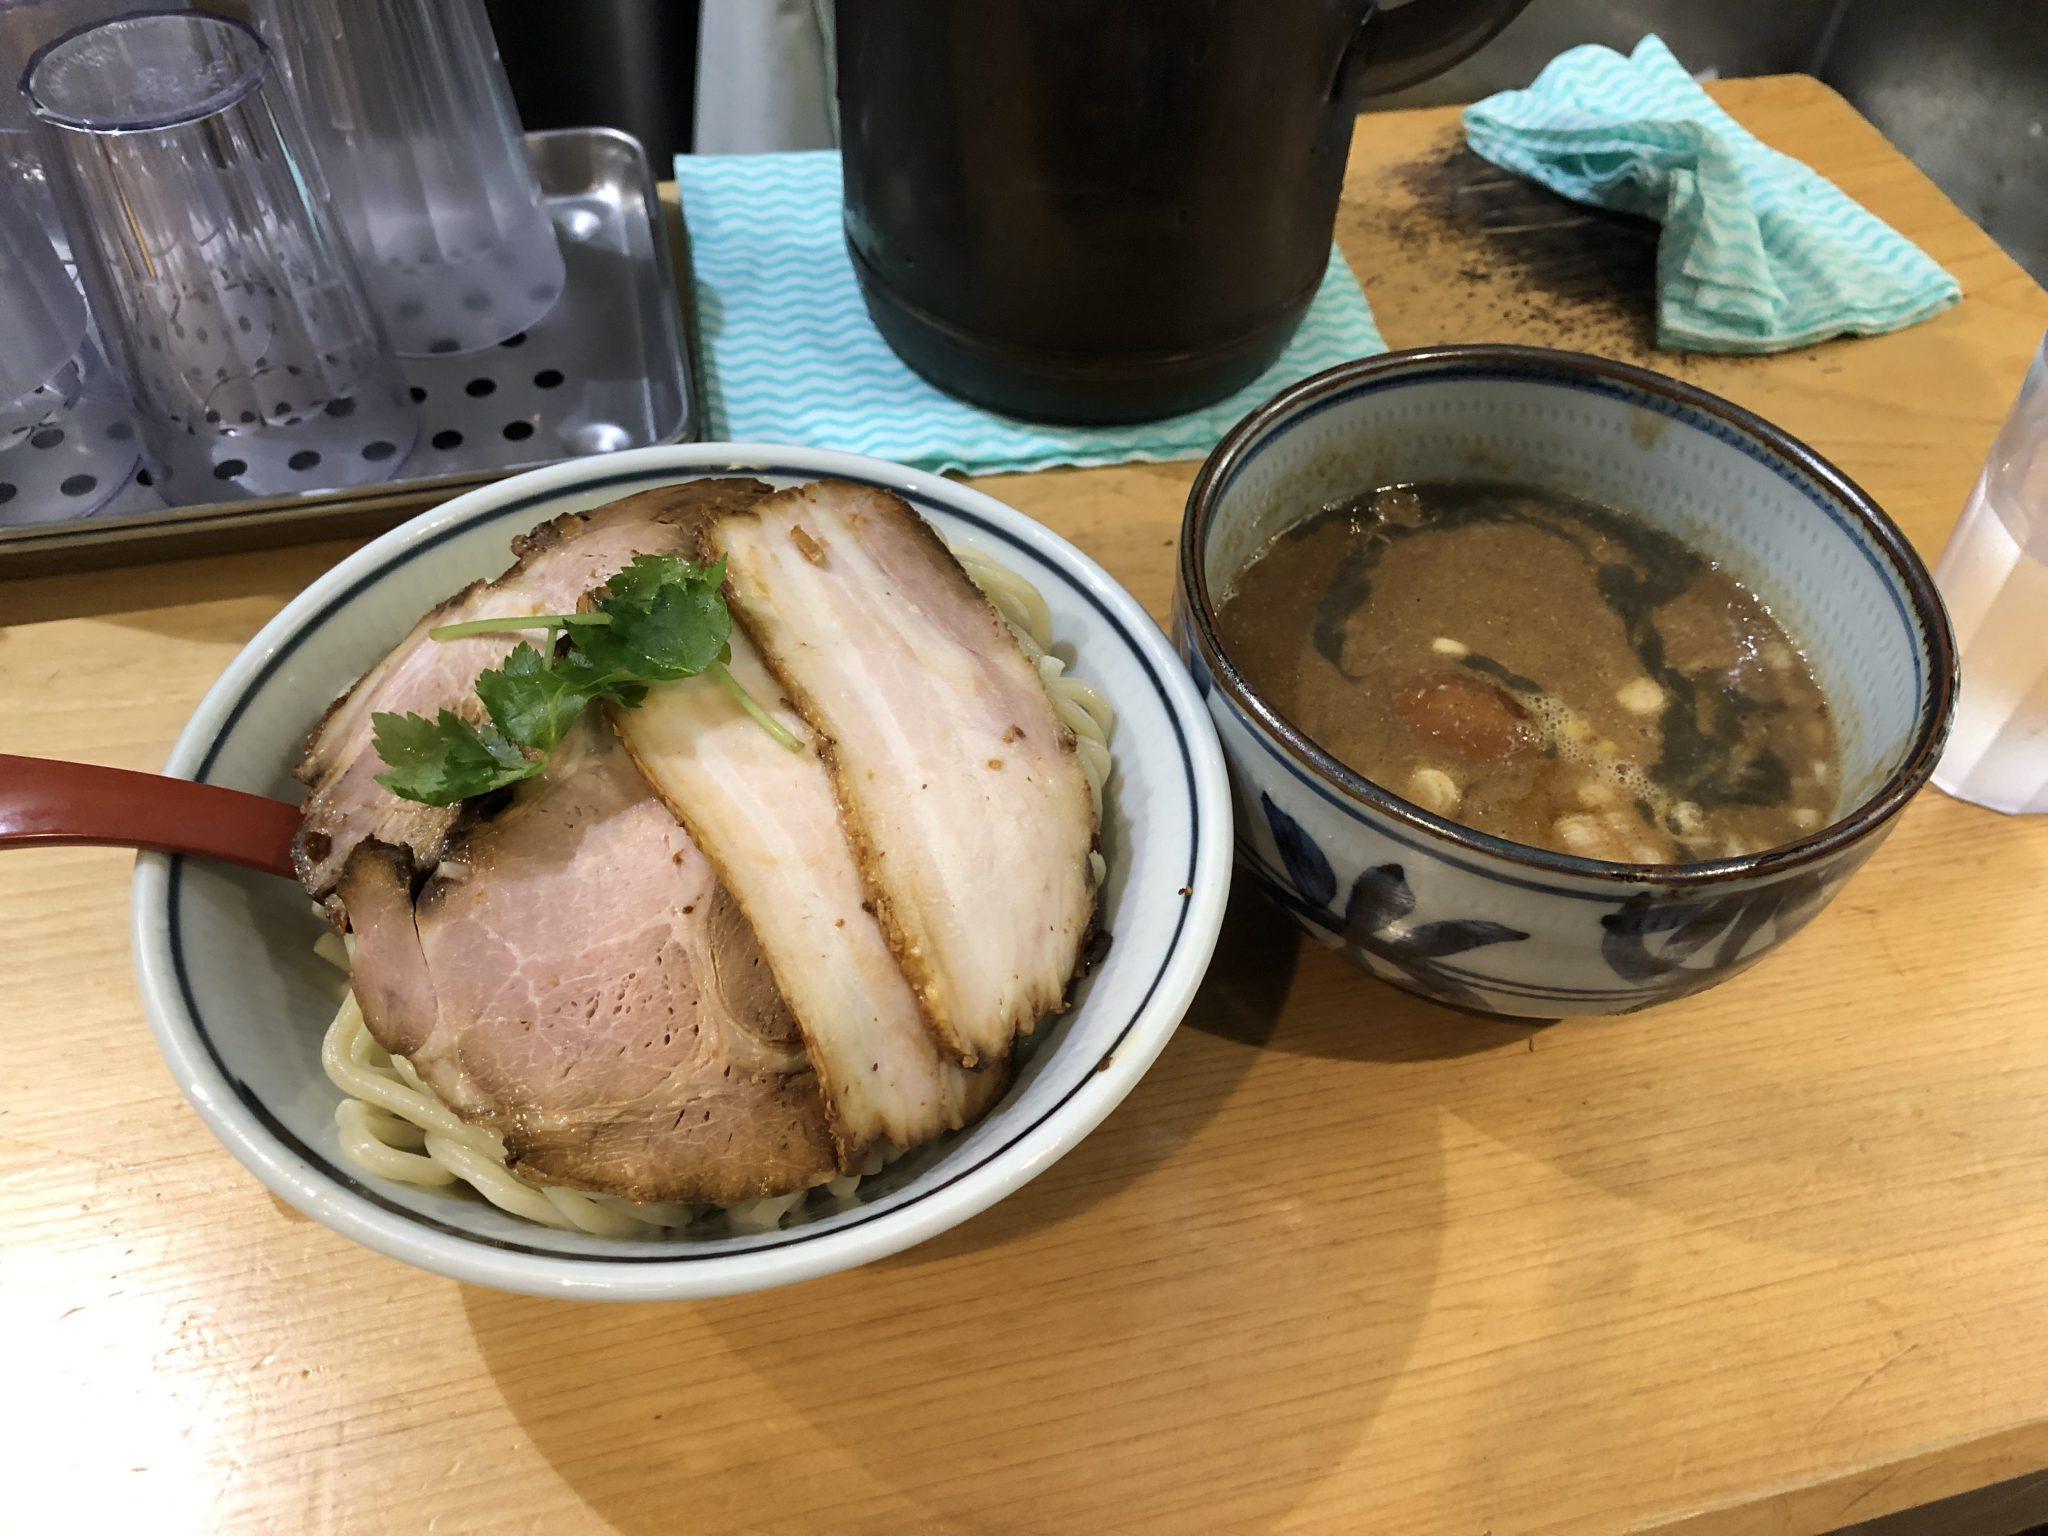 煮干麺 新橋 月と鼈(すっぽん)|新橋でつけ麺ランチ